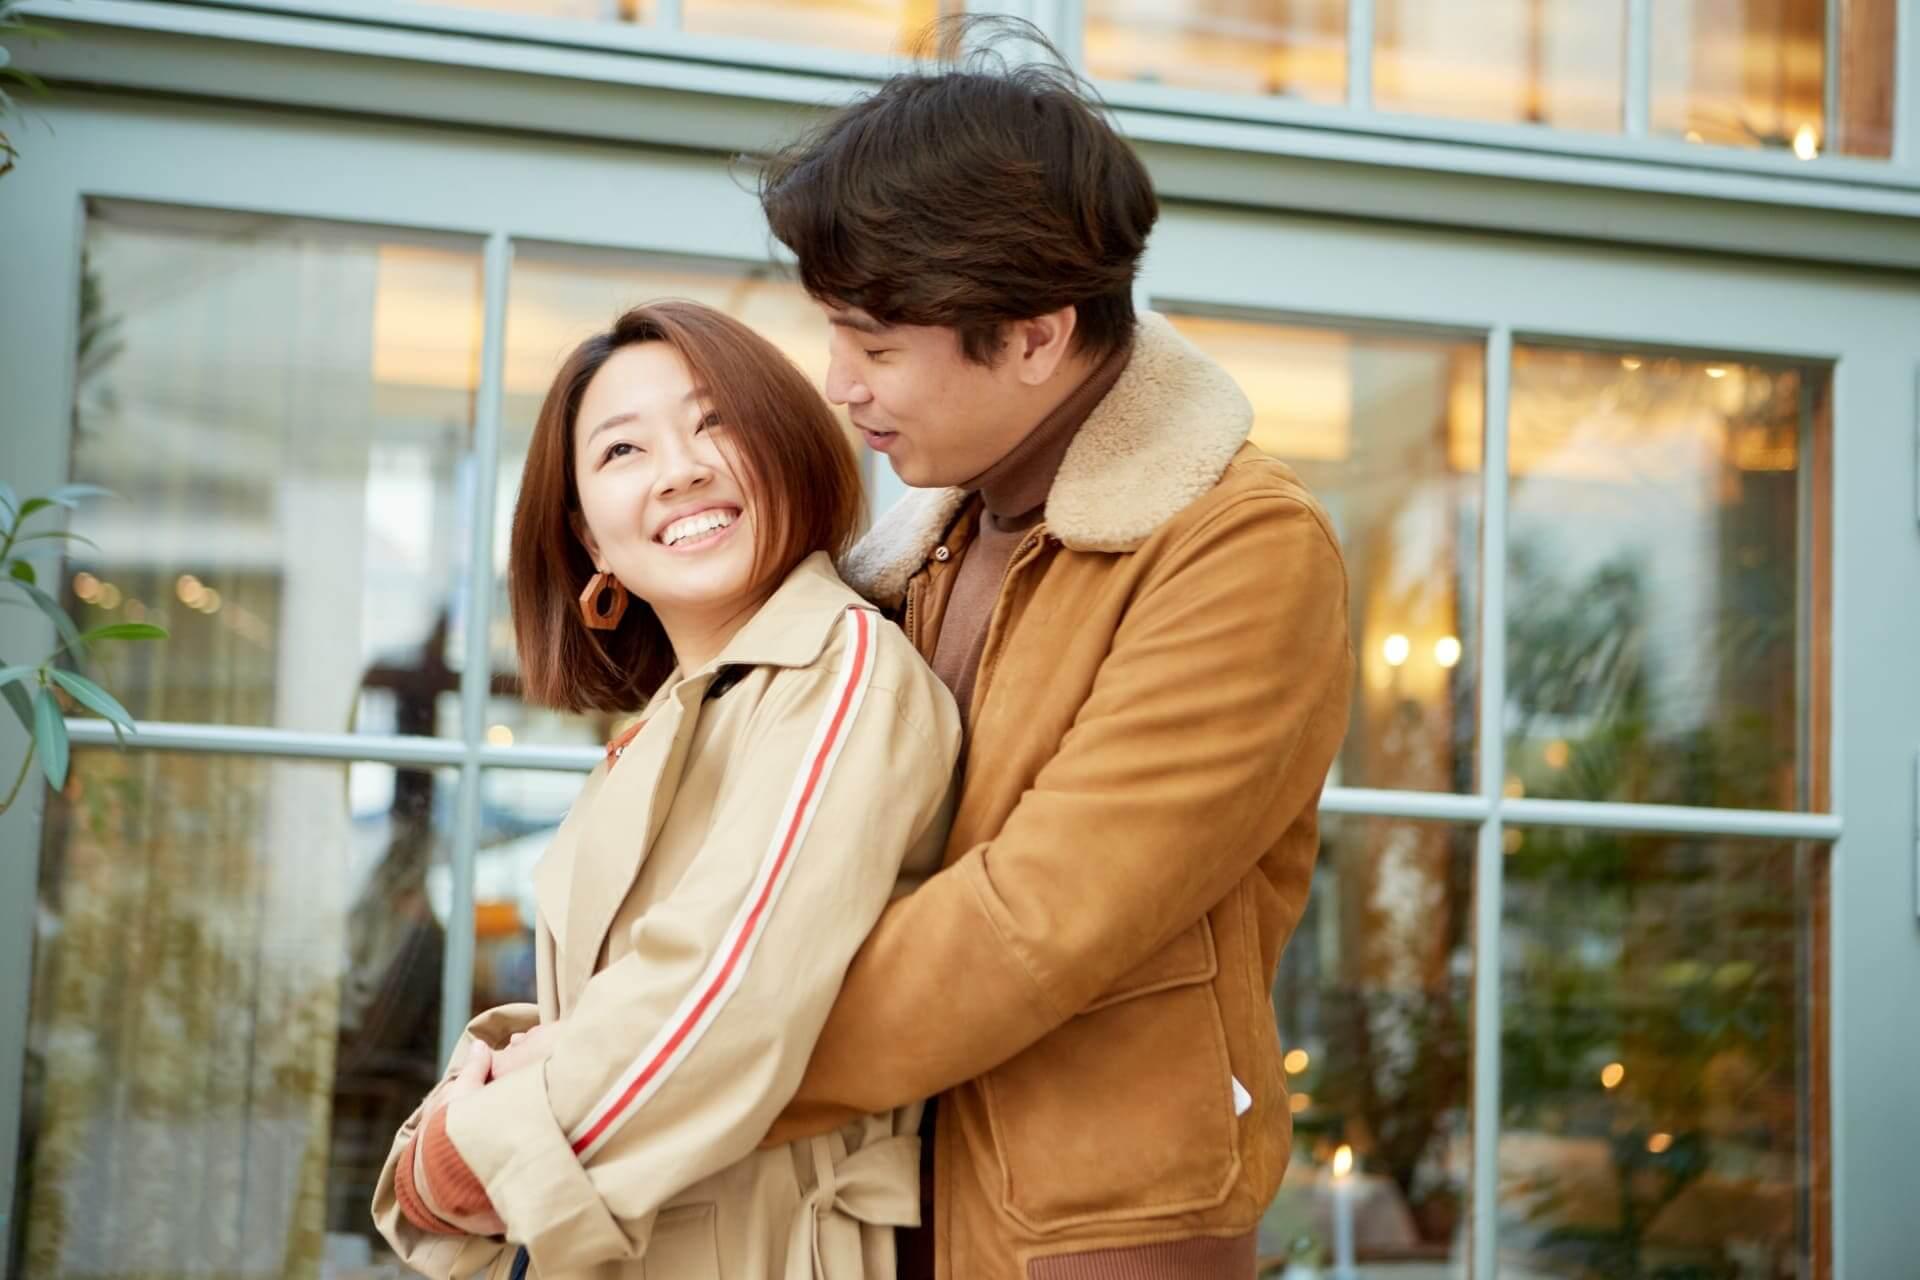 水晶玉子の恋占い 「来年こそは!」あの人との関係が変わるきっかけ